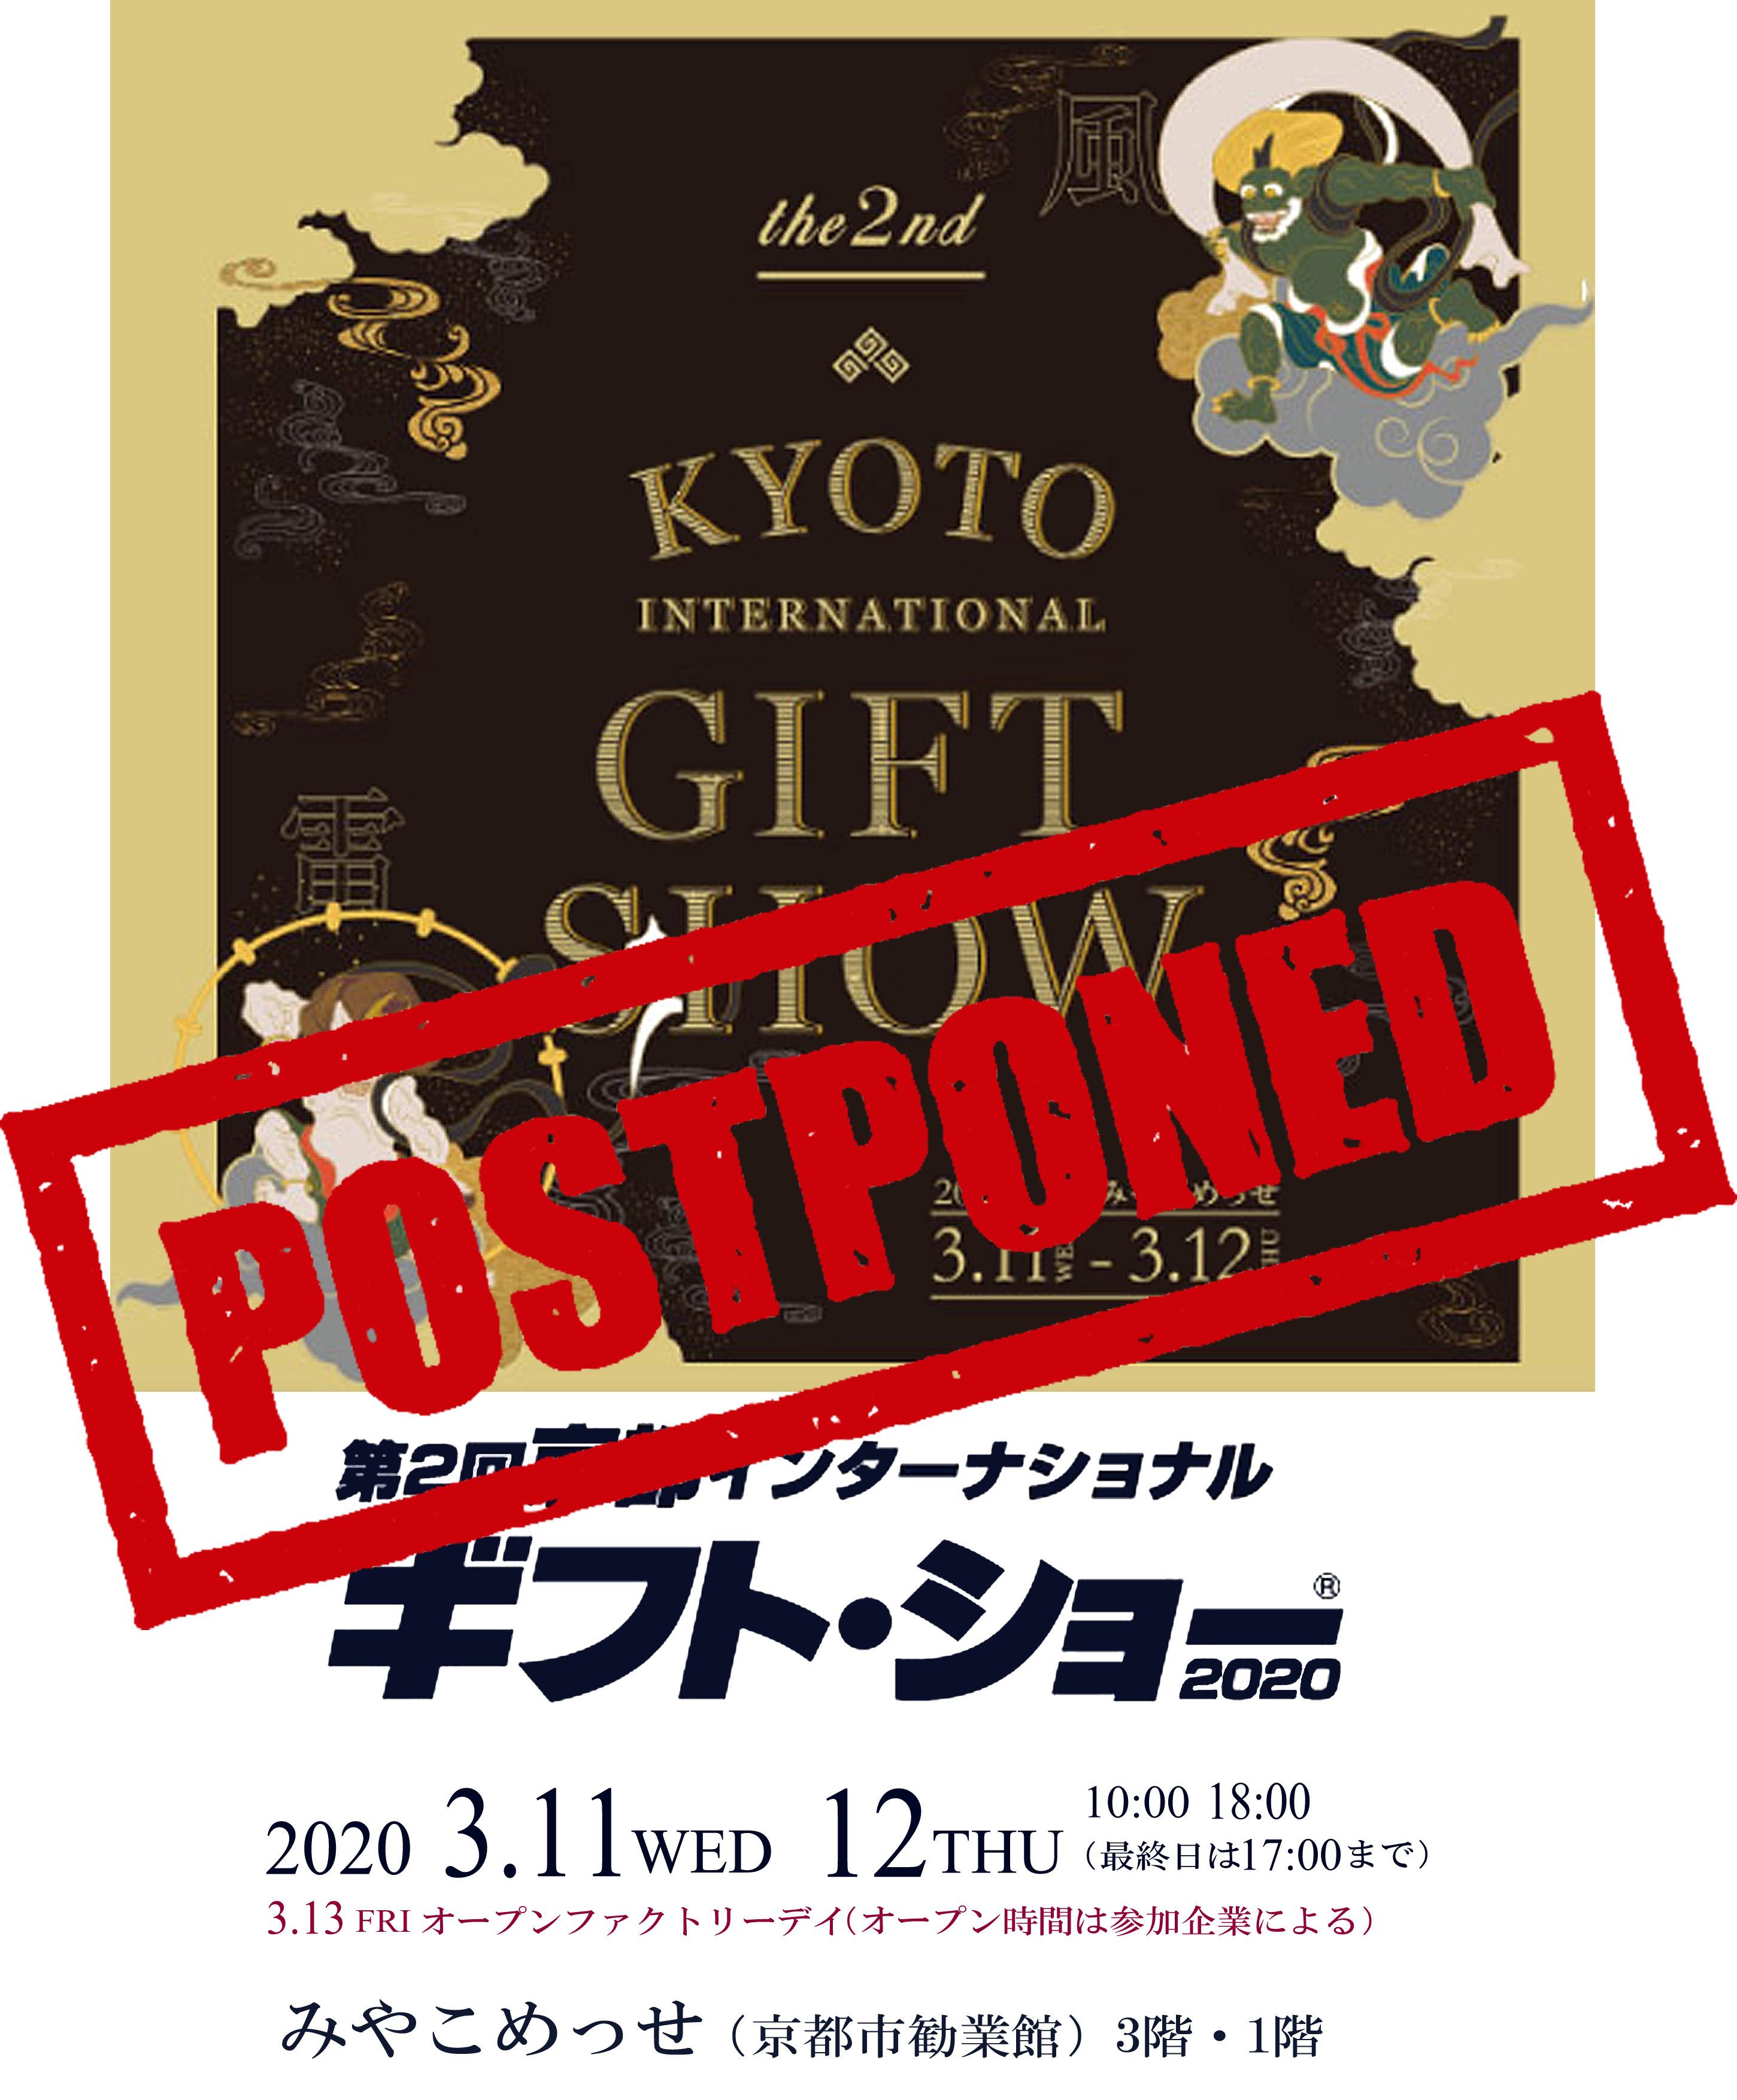 第2回京都インターナショナルギフトショー延期のお知らせ